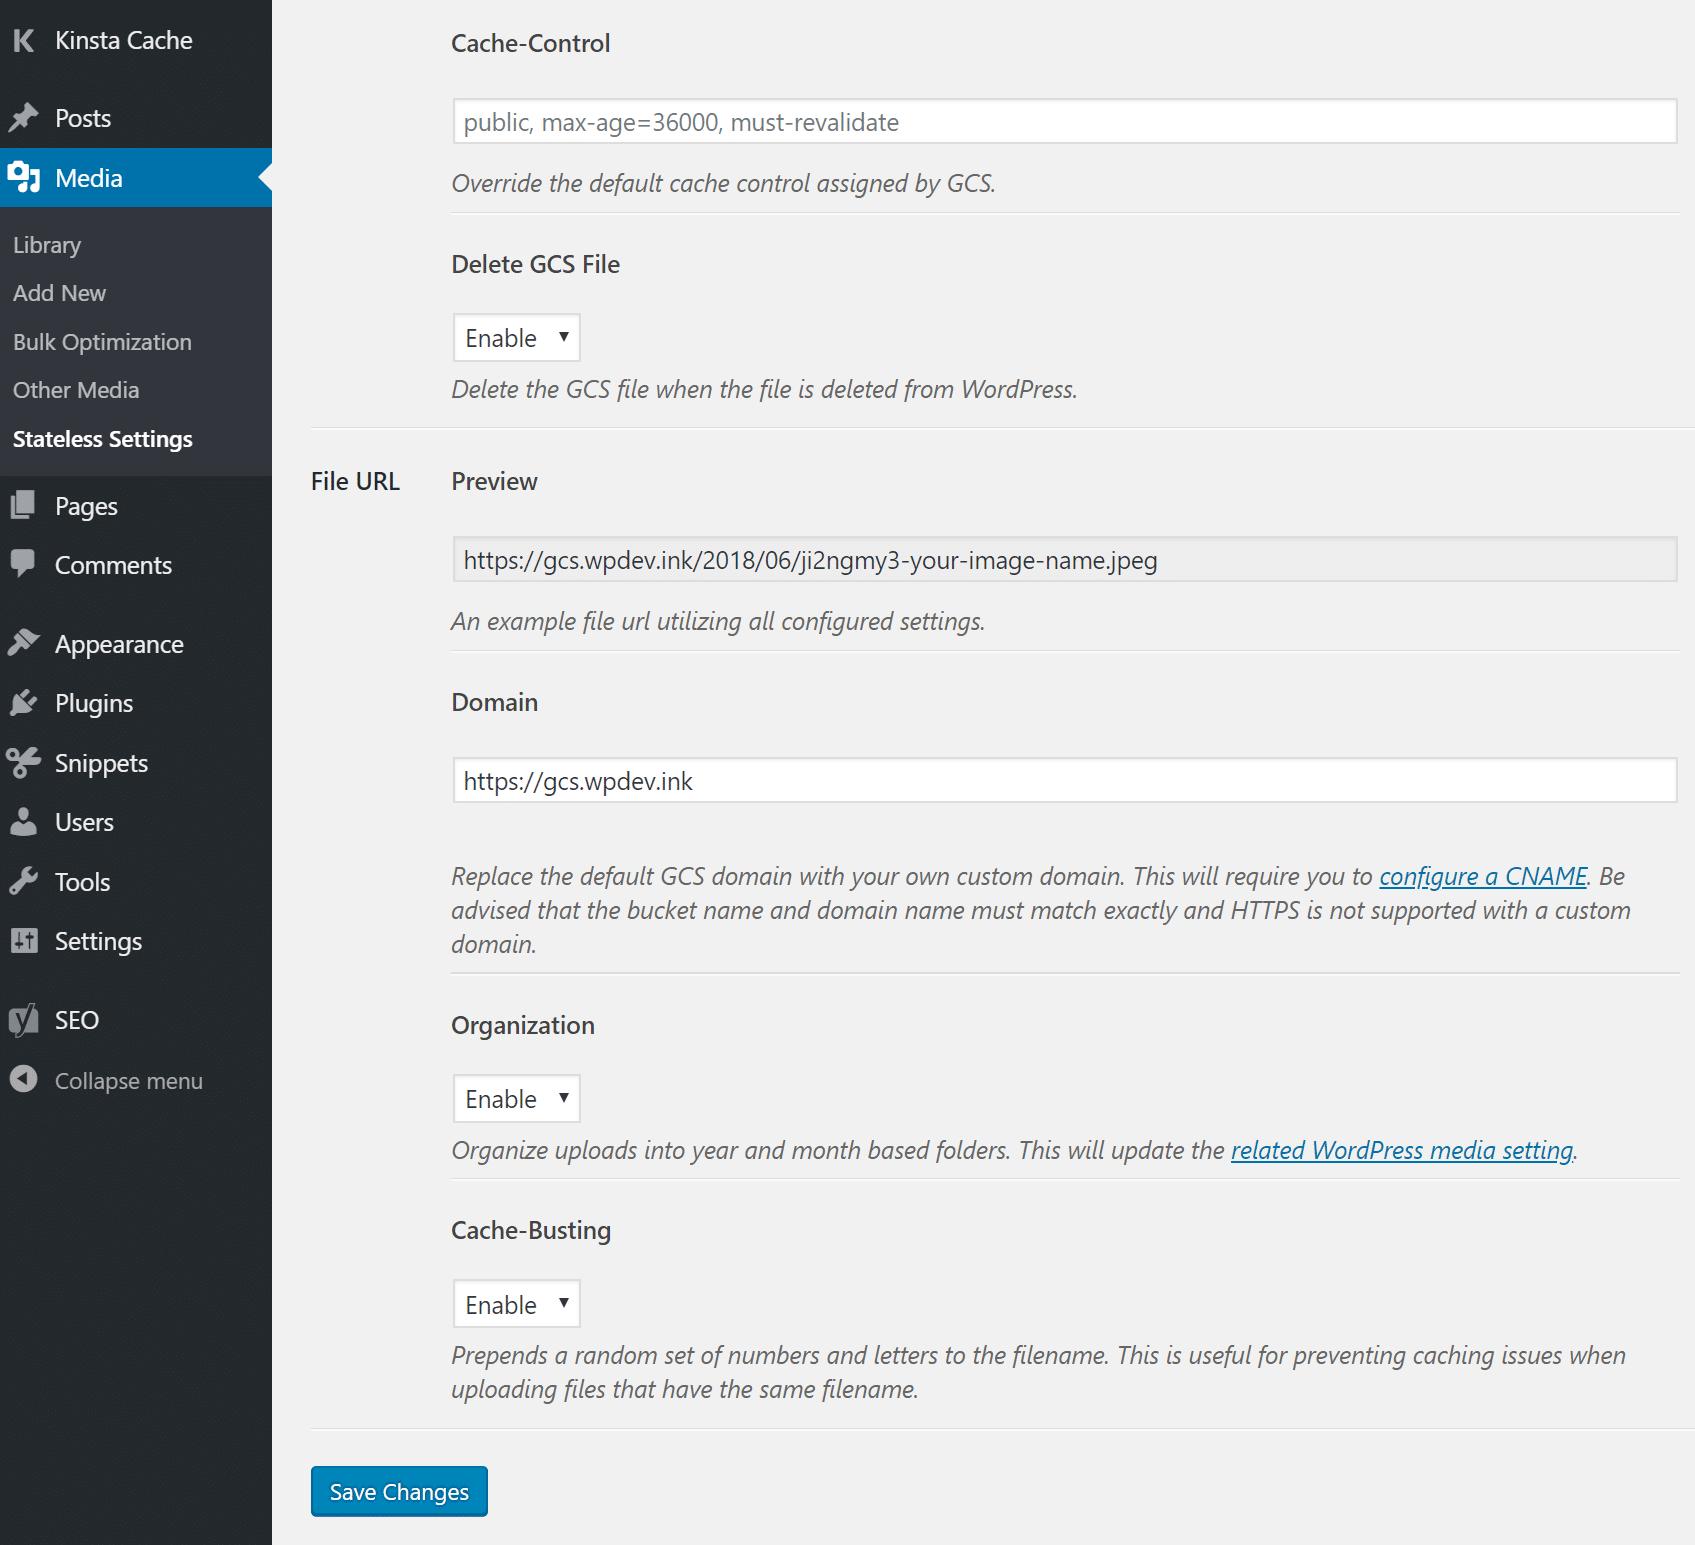 Configurações adicionais do WP-Stateless